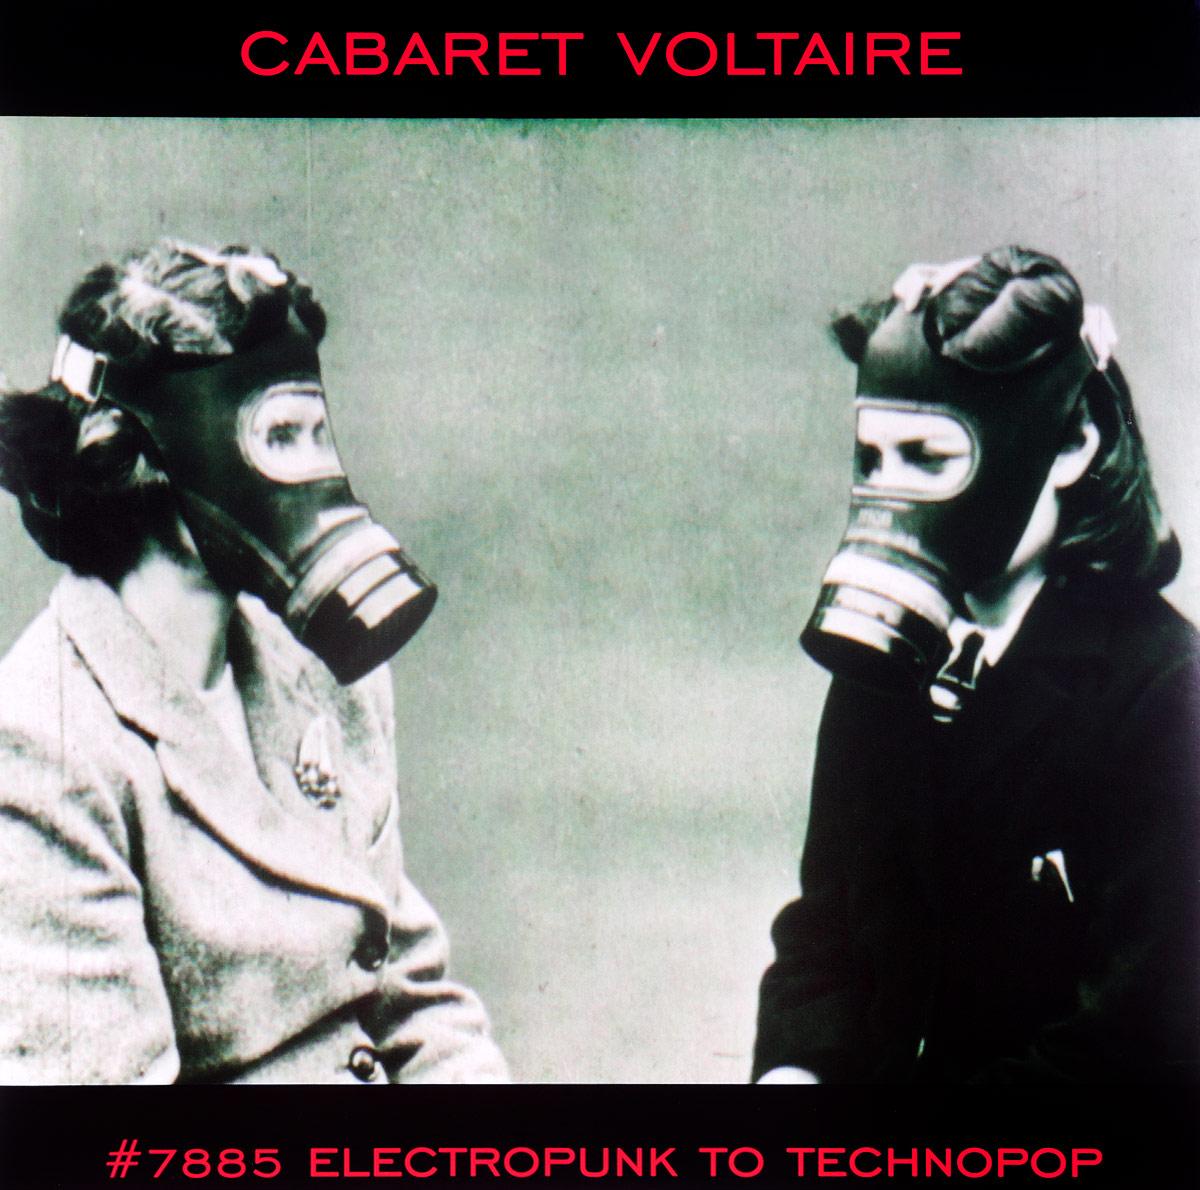 Cabaret Voltaire Cabaret Voltaire 7885 Electropunk To Technopop 1978 – 1985 2 LP